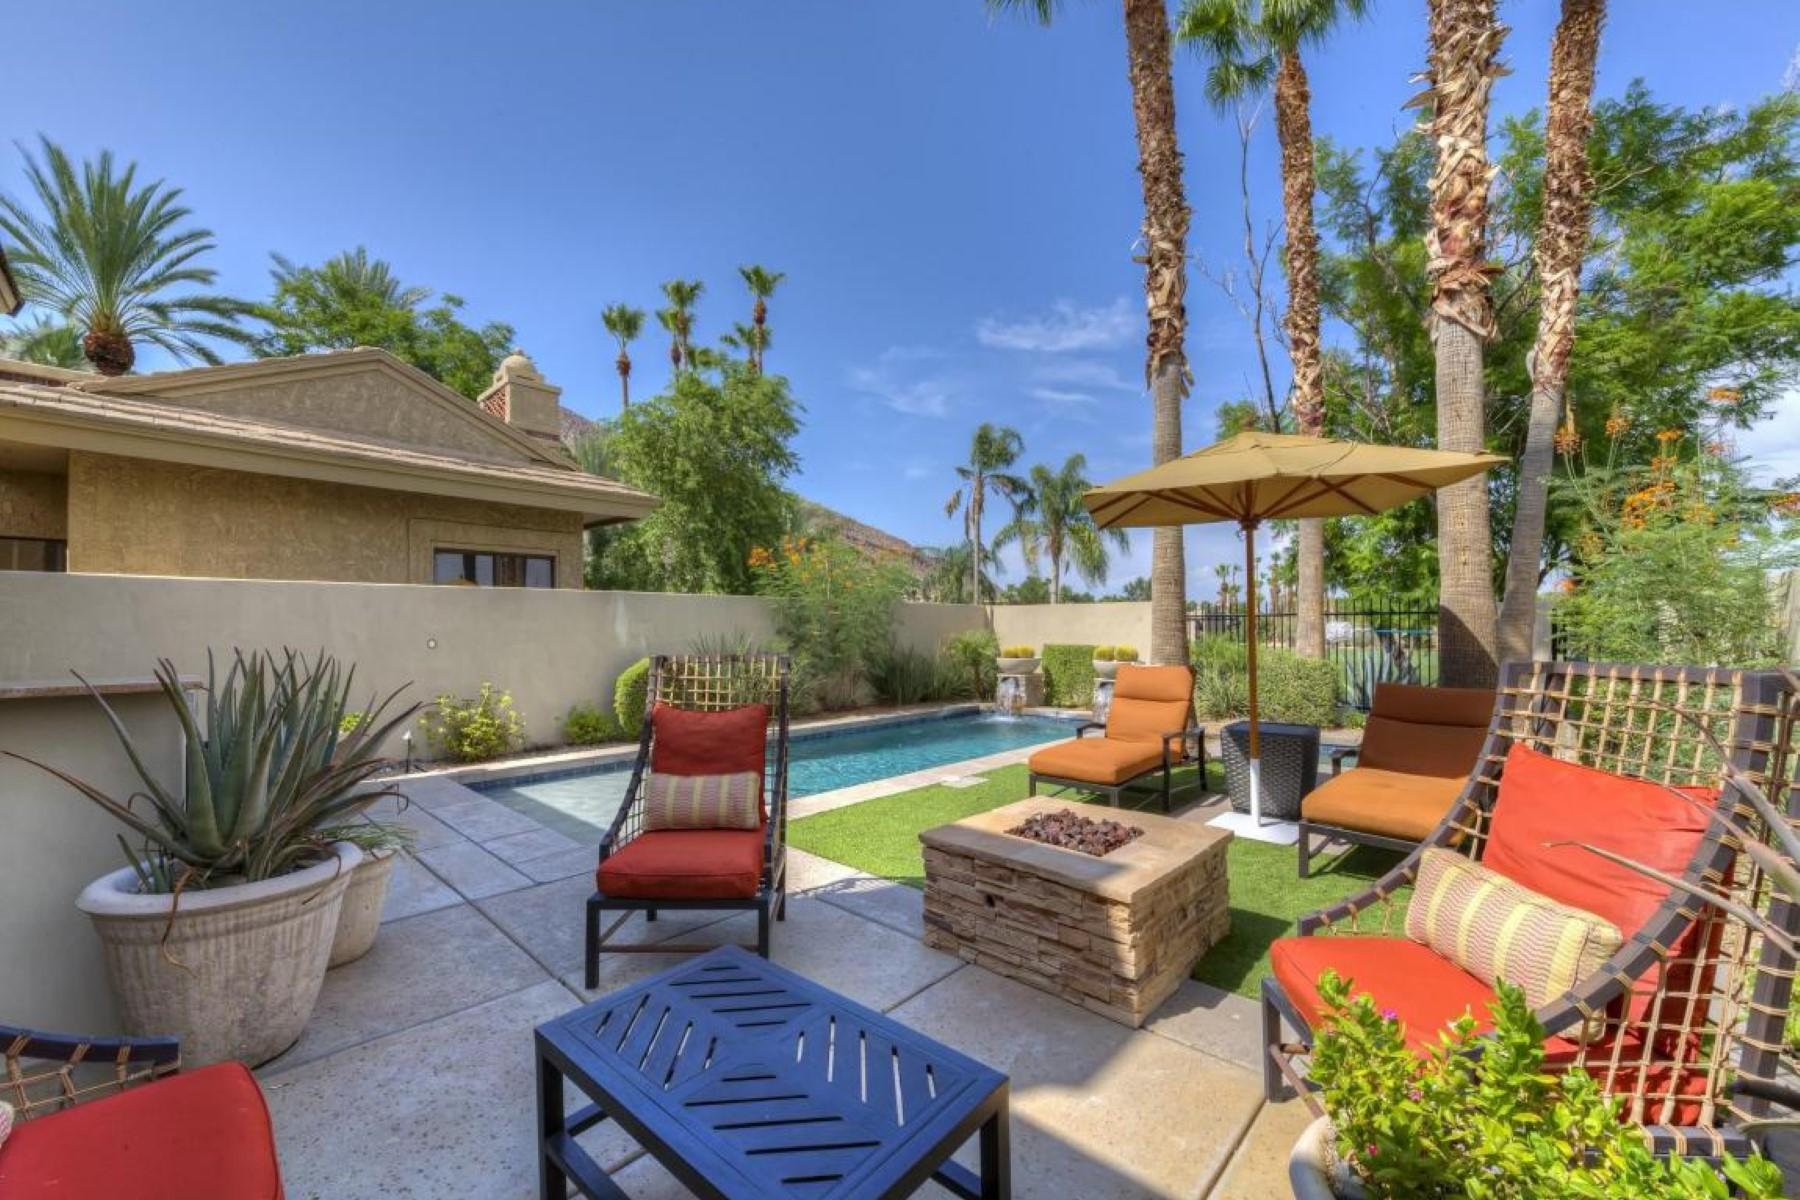 Maison unifamiliale pour l Vente à Luxurious home at the Phoenician Residence Club 4531 N Phoenician Blvd #7702 Phoenix, Arizona, 85018 États-Unis